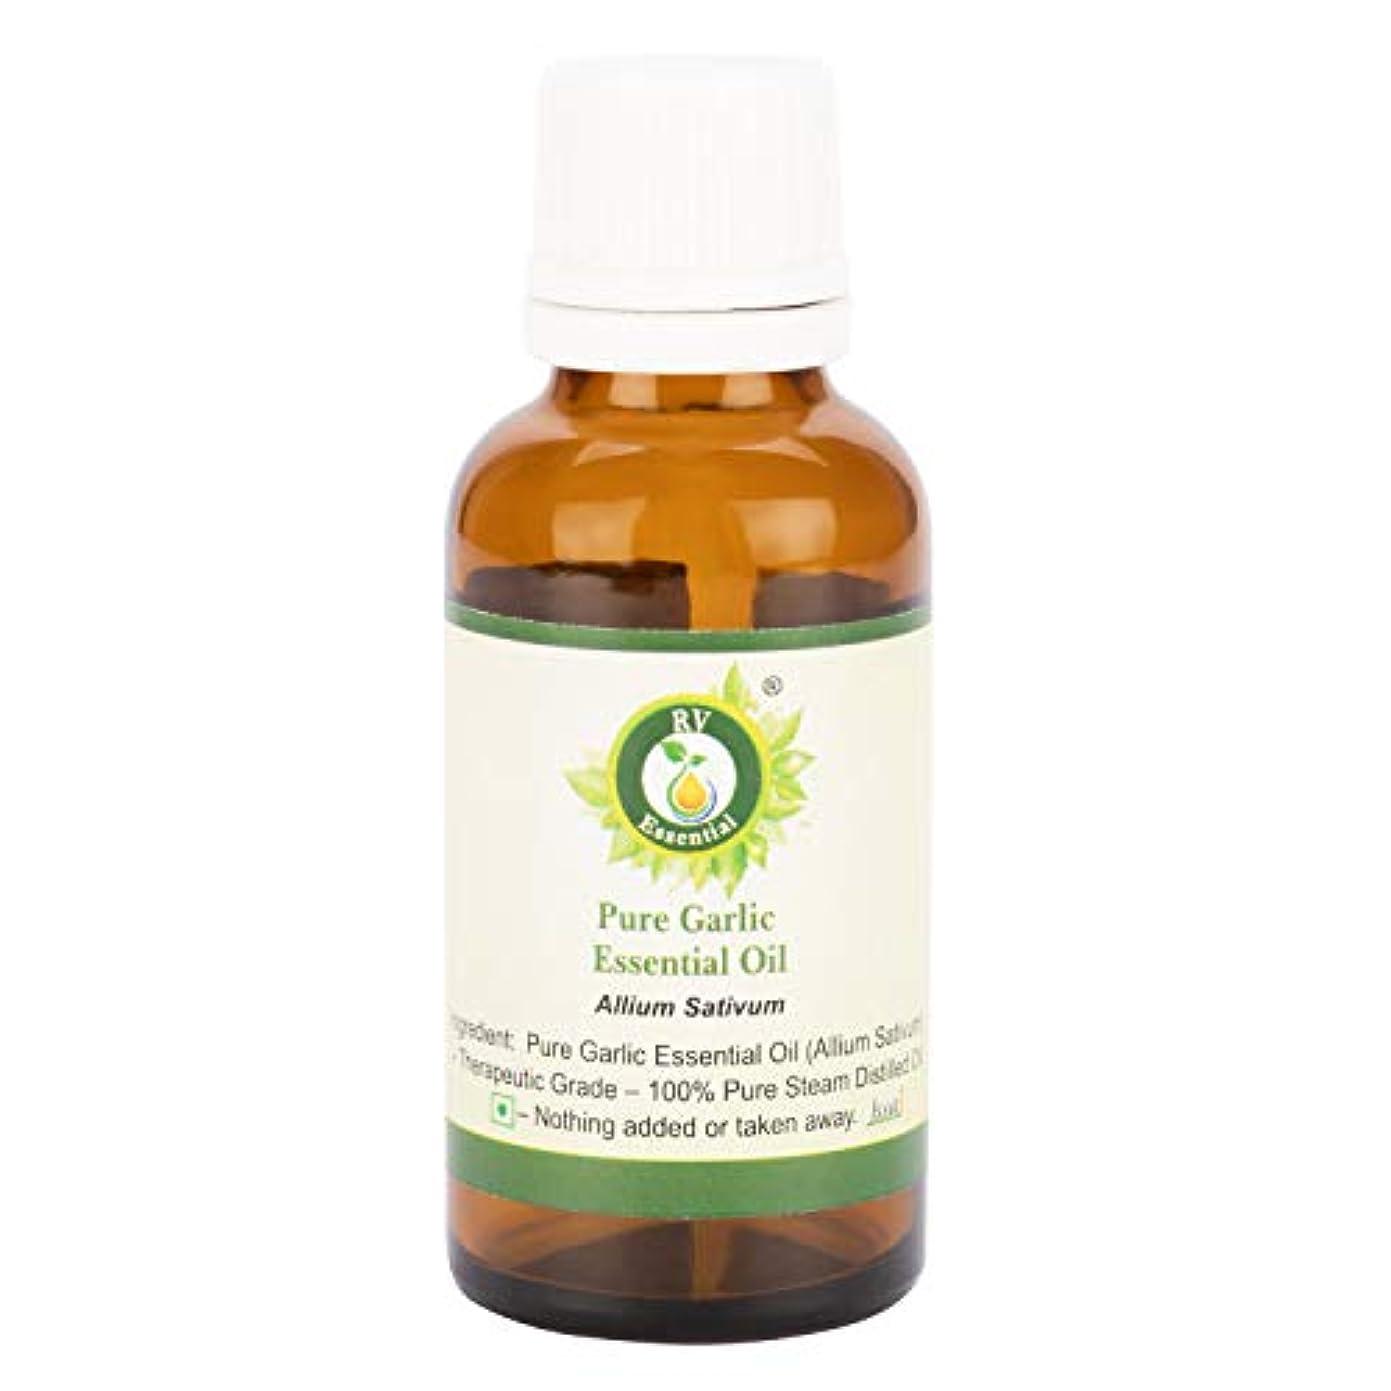 贈り物失業者保護ピュアニンニクエッセンシャルオイル100ml (3.38oz)- Allium Sativum (100%純粋&天然スチームDistilled) Pure Garlic Essential Oil